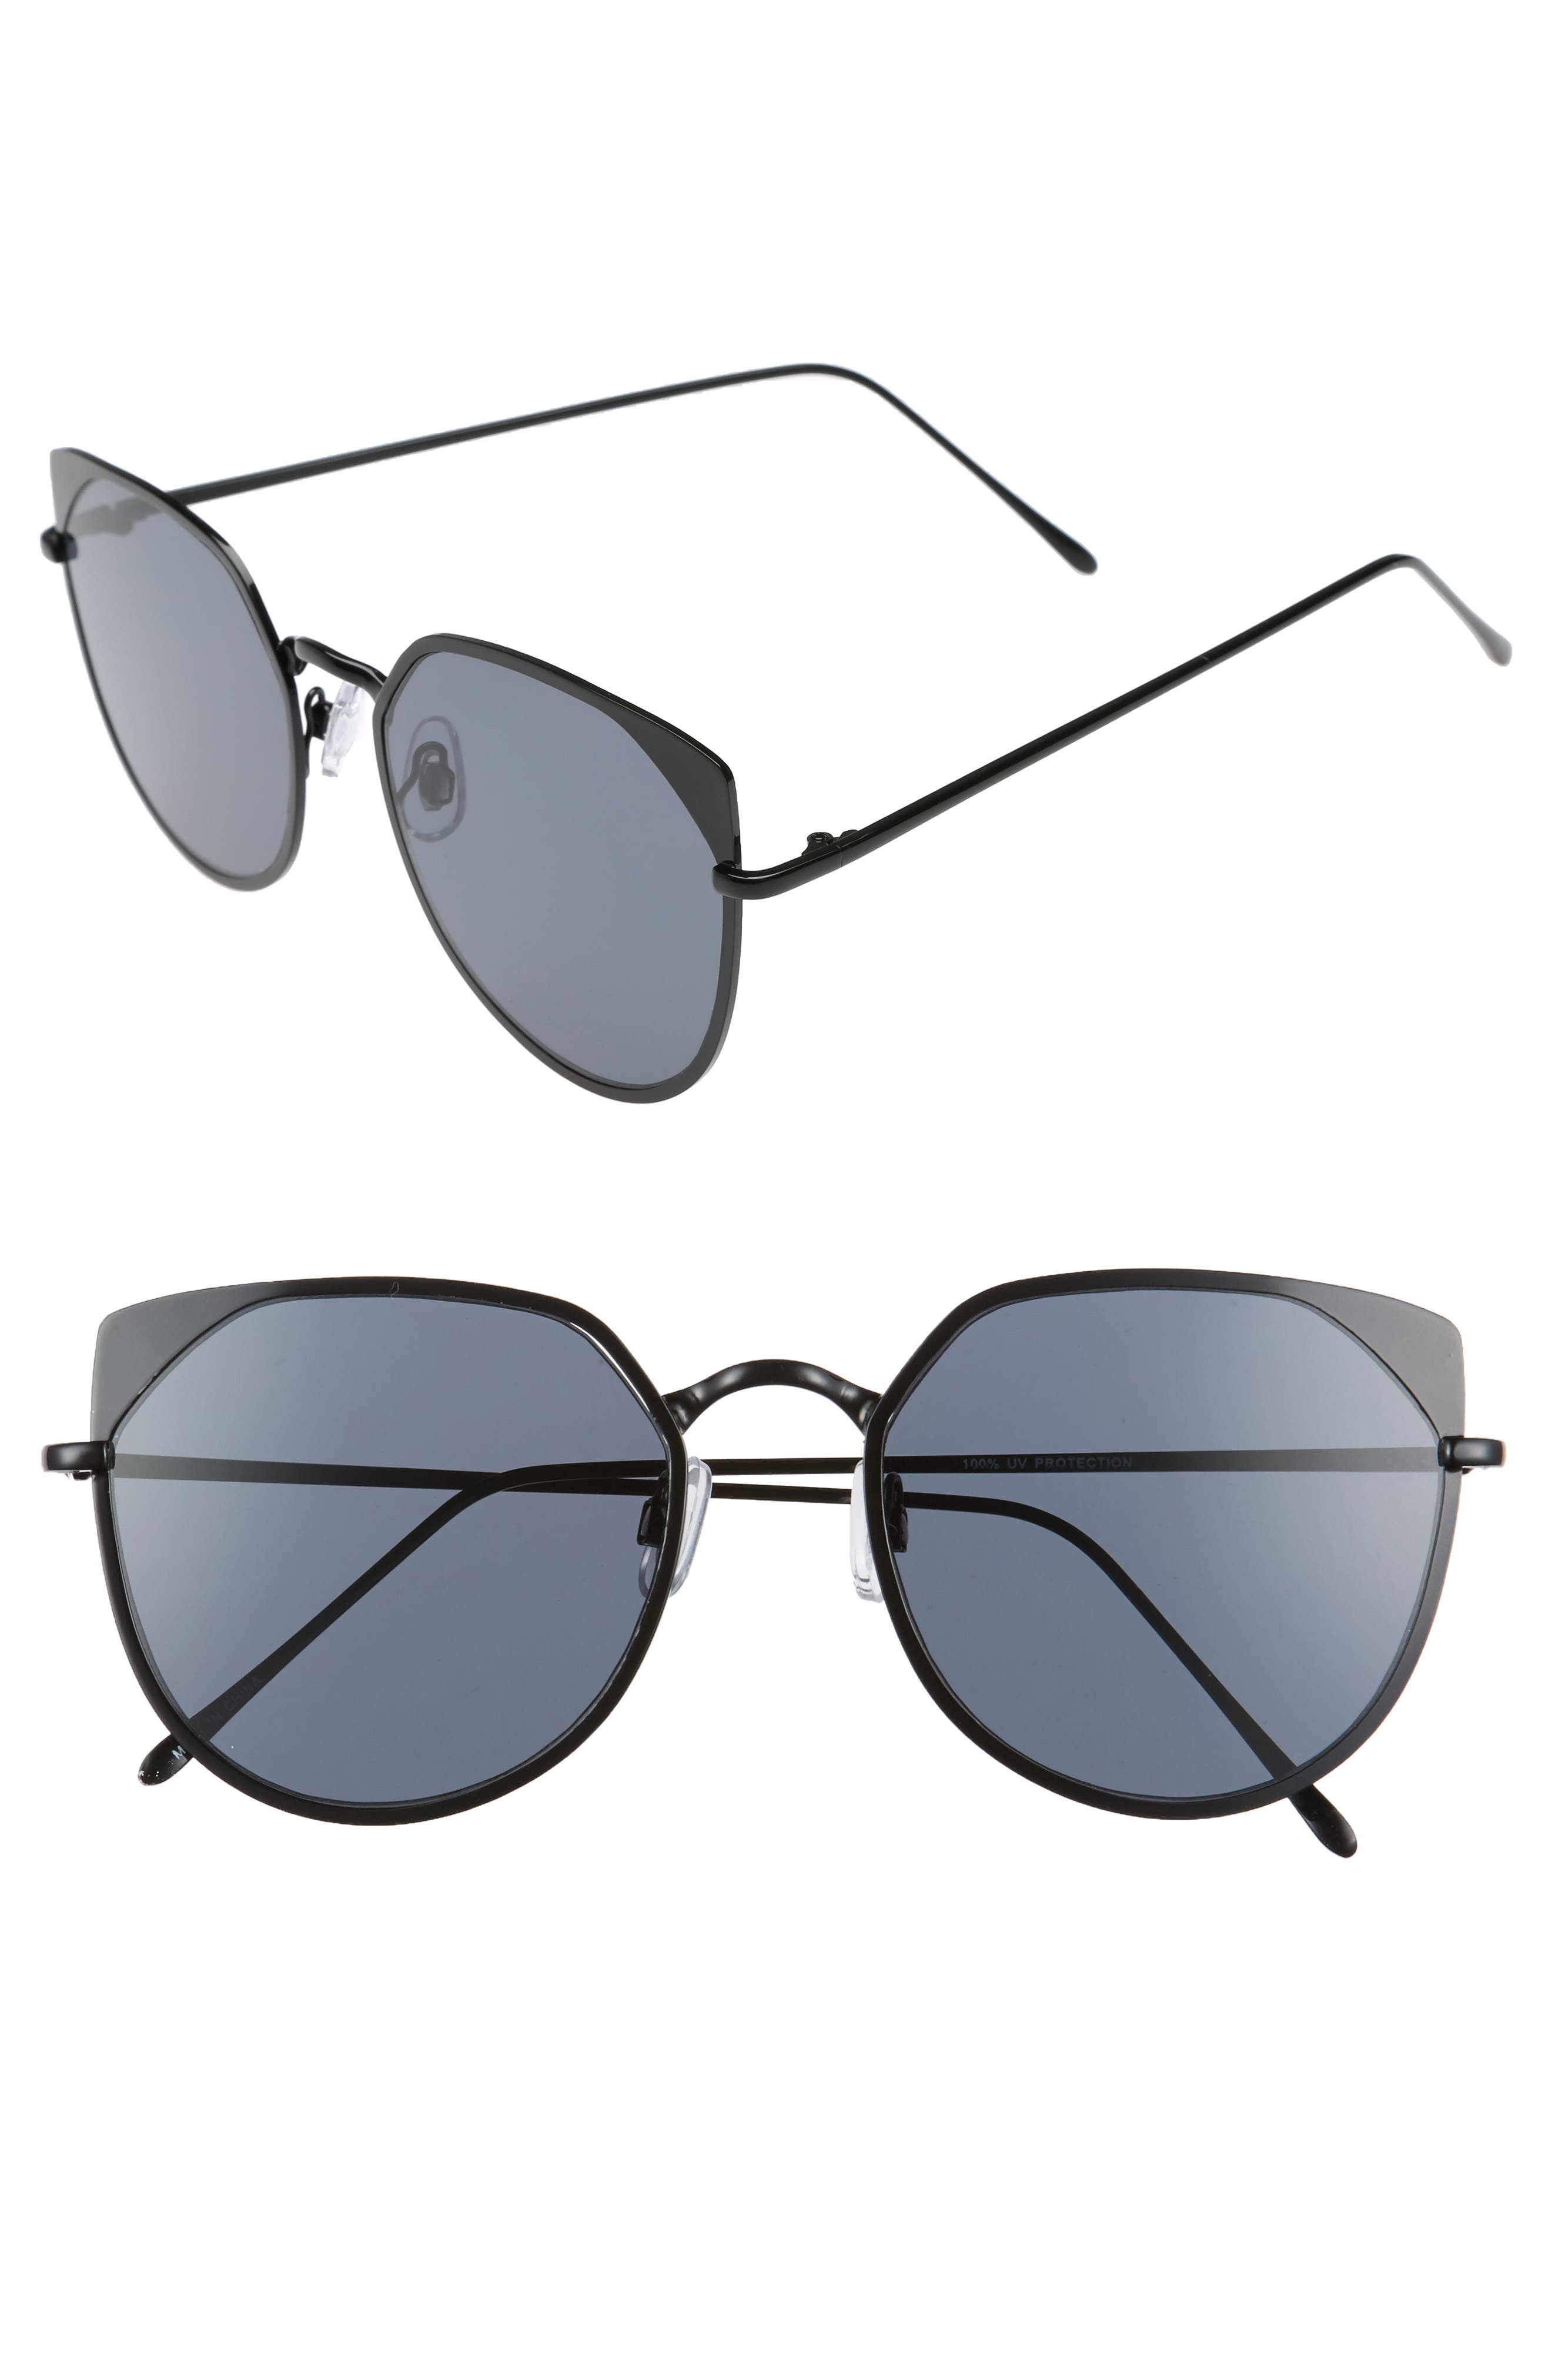 Main Image - BP. 55mm Mirrored Cat Eye Sunglasses